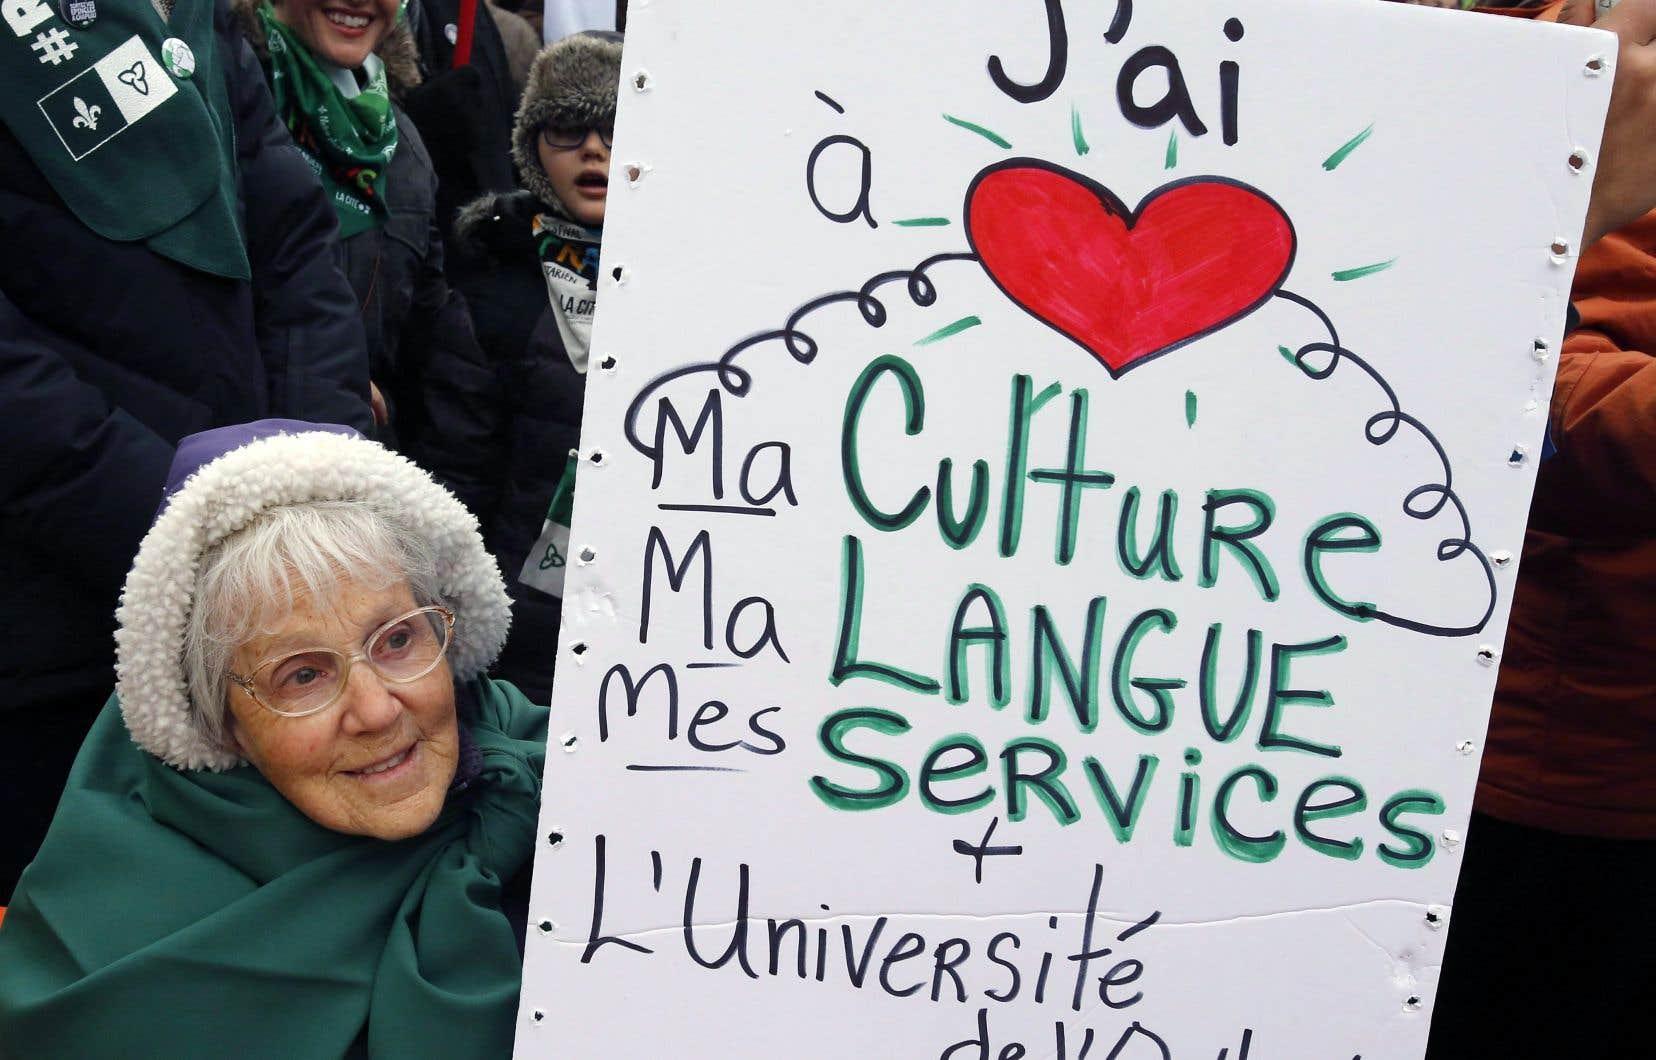 Le 1erdécembre, des Franco-Ontariens ont manifesté à Ottawa pour faire valoir leurs droits. Les récits collectifs des Franco-Canadiens varient d'un côté à l'autre de la rivière des Outaouais.